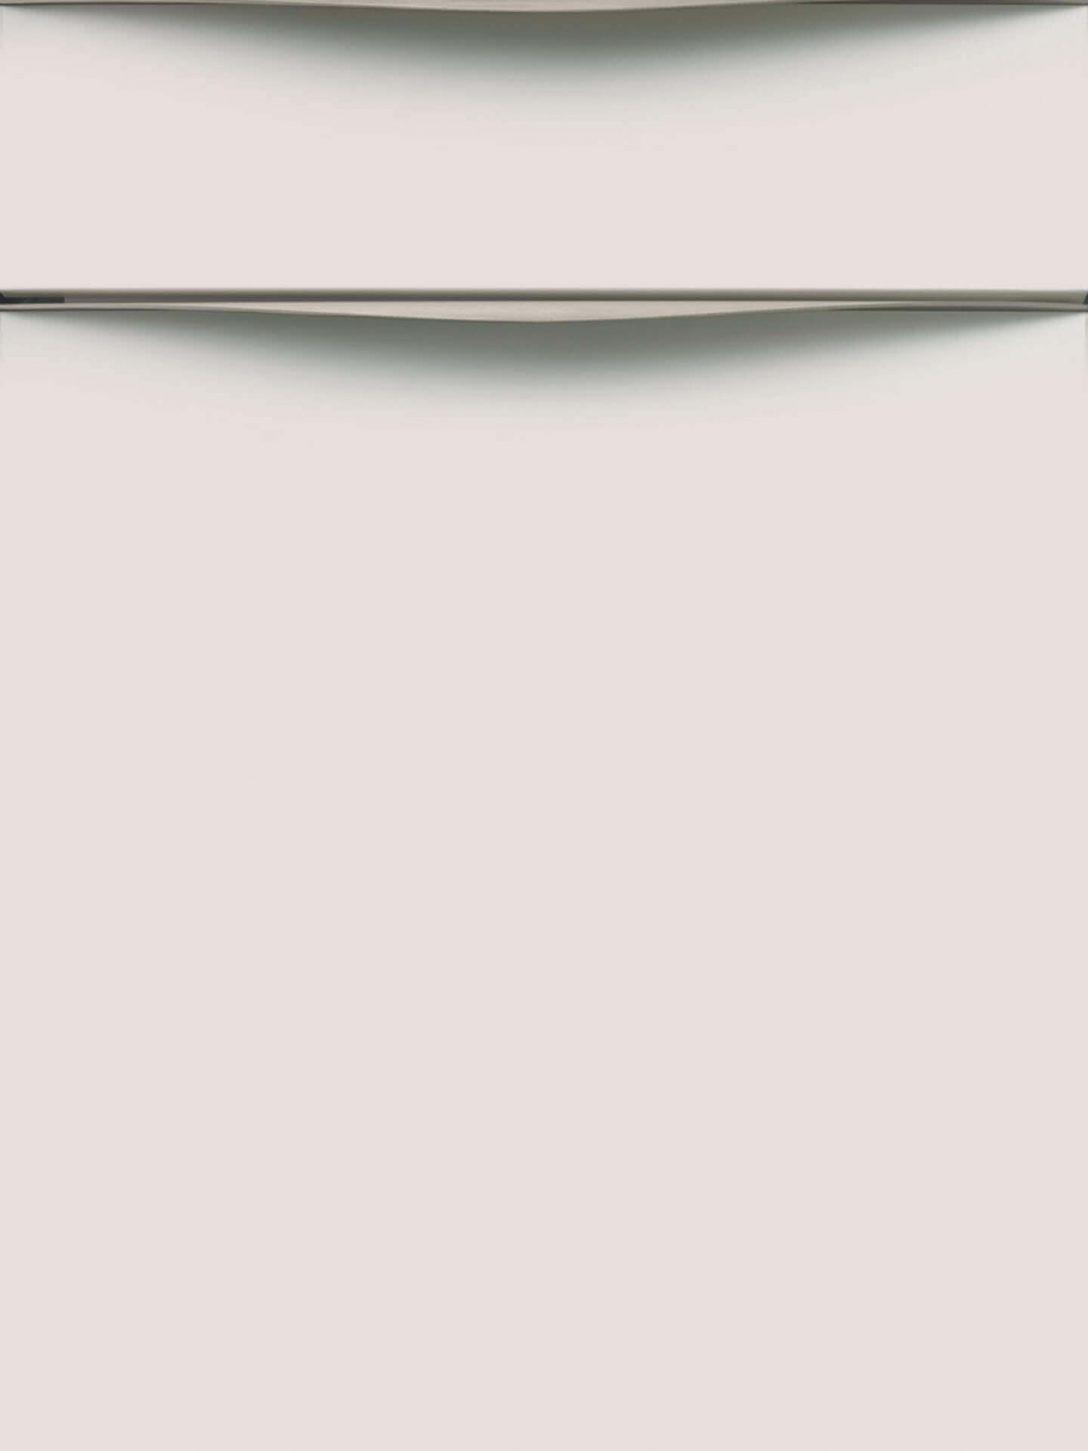 Large Size of Möbelgriffe Küche Griffe Ffnungssysteme Fr Ihre Kche Ratiomat Nischenrückwand Sitzbank Mit Lehne Modul Industrielook Kinder Spielküche Barhocker Teppich Küche Möbelgriffe Küche